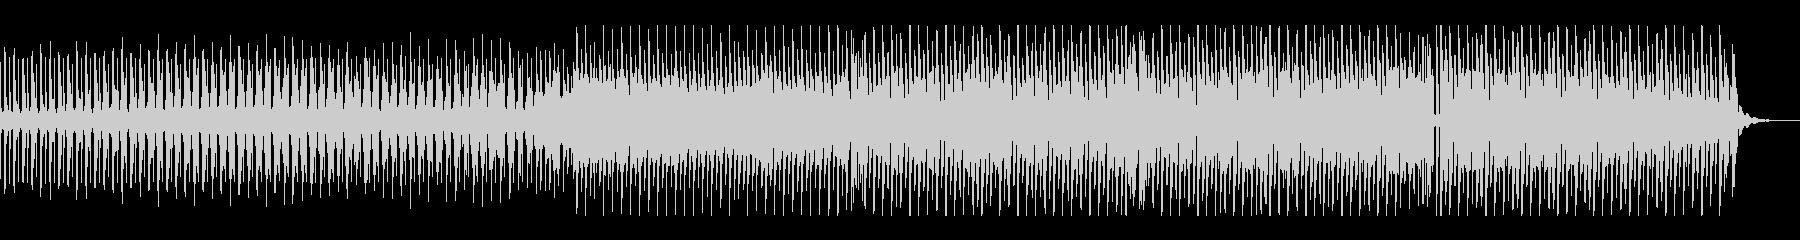 おしゃれなエレクトロスウィング02の未再生の波形